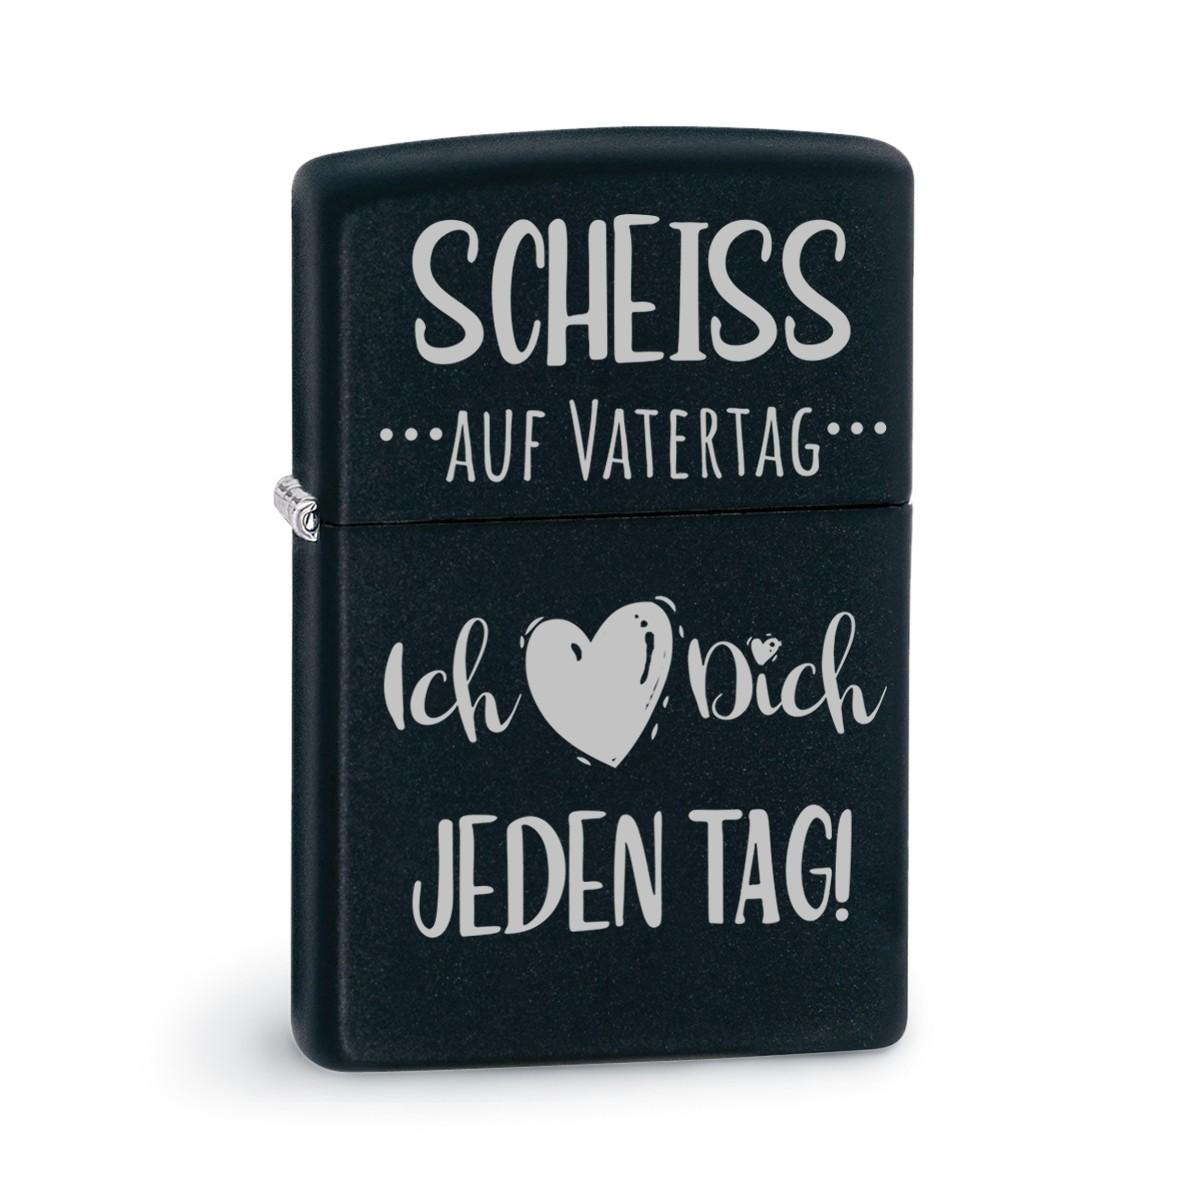 Original Zippo Benzinfeuerzeug: Scheiss auf Vatertag - Ich liebe Dich jeden Tag!